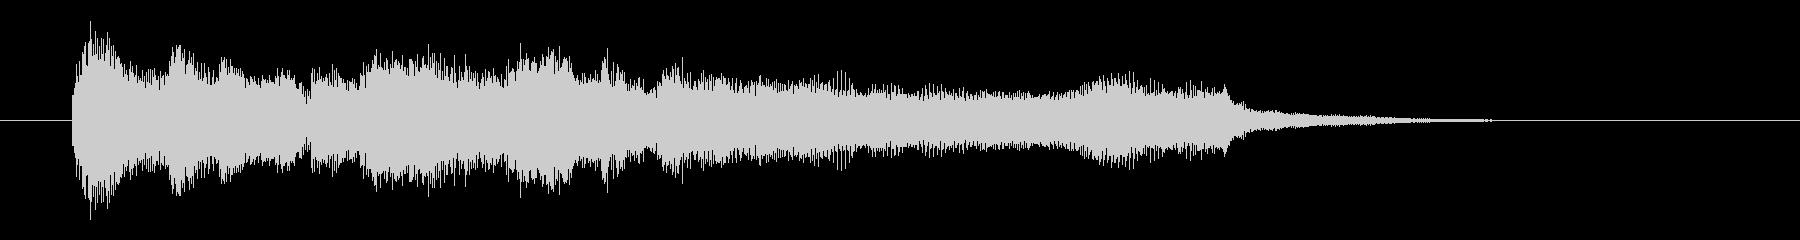 爽やかで明るいオーケストラジングル/勝利の未再生の波形